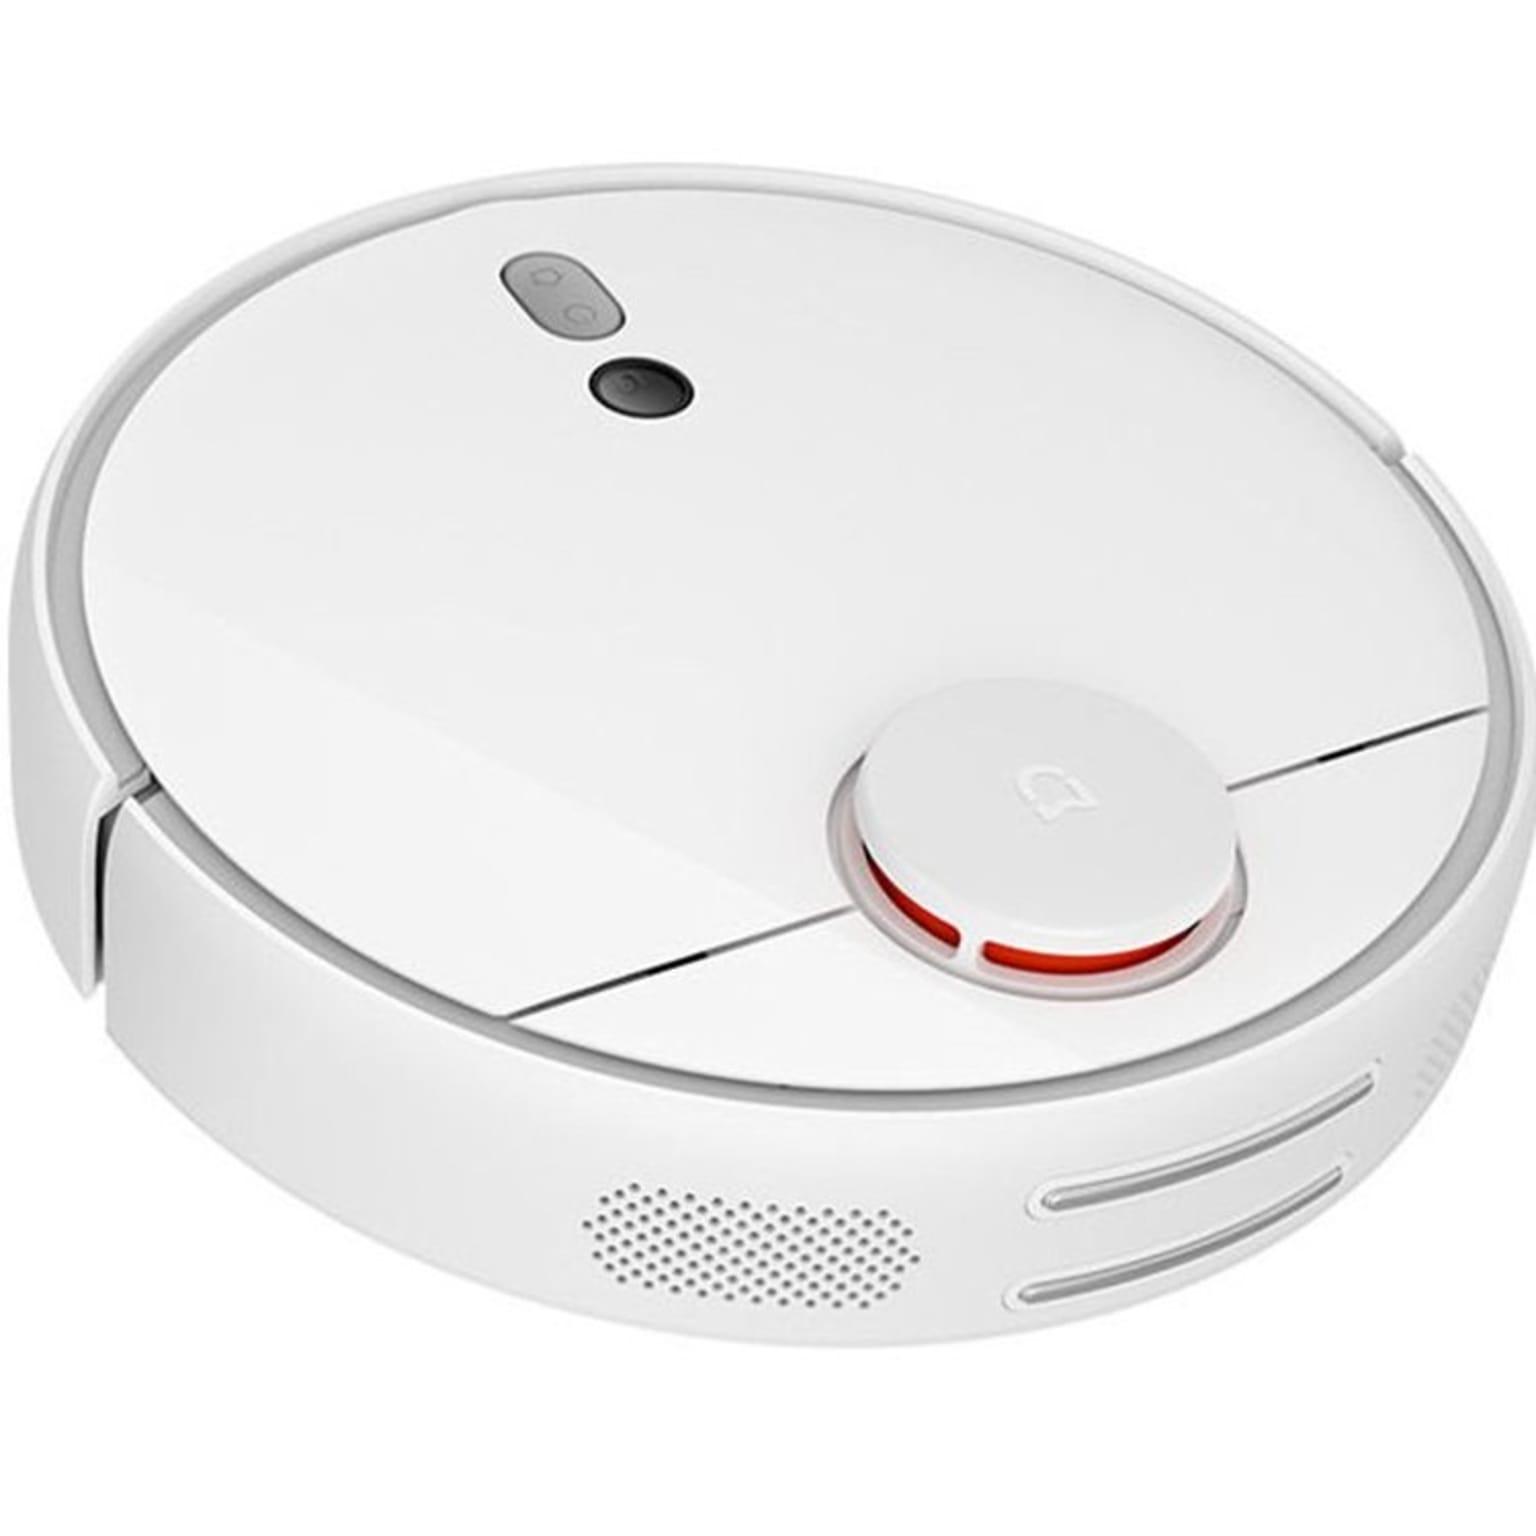 imagem de Xiaomi Mijia 1S Robot Vacuum Cleaner